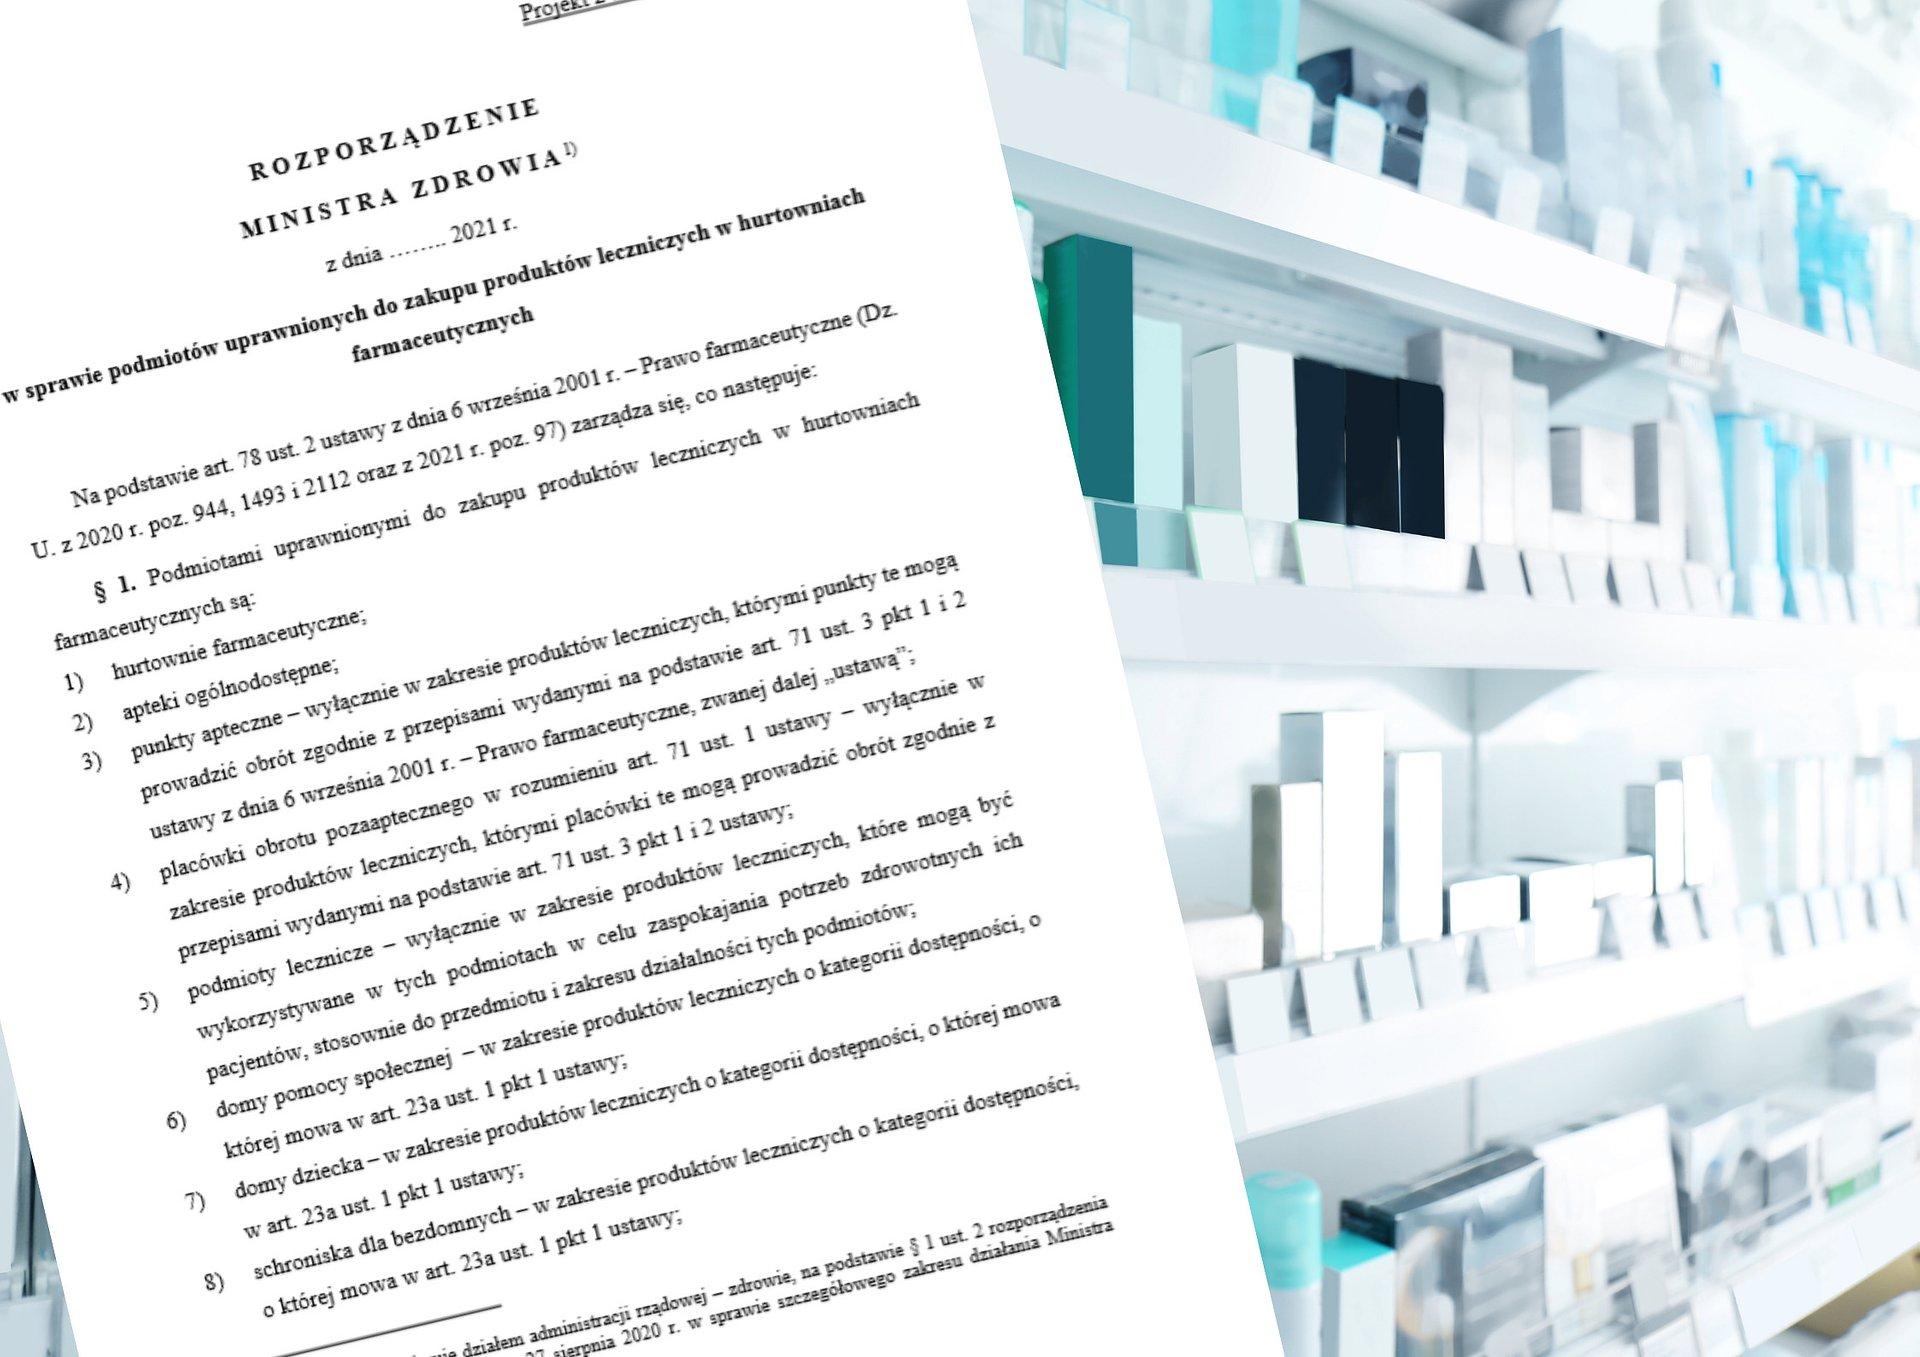 Zmiany przepisów ws. podmiotów uprawnionych do zakupu w hurtowniach farmaceutycznych